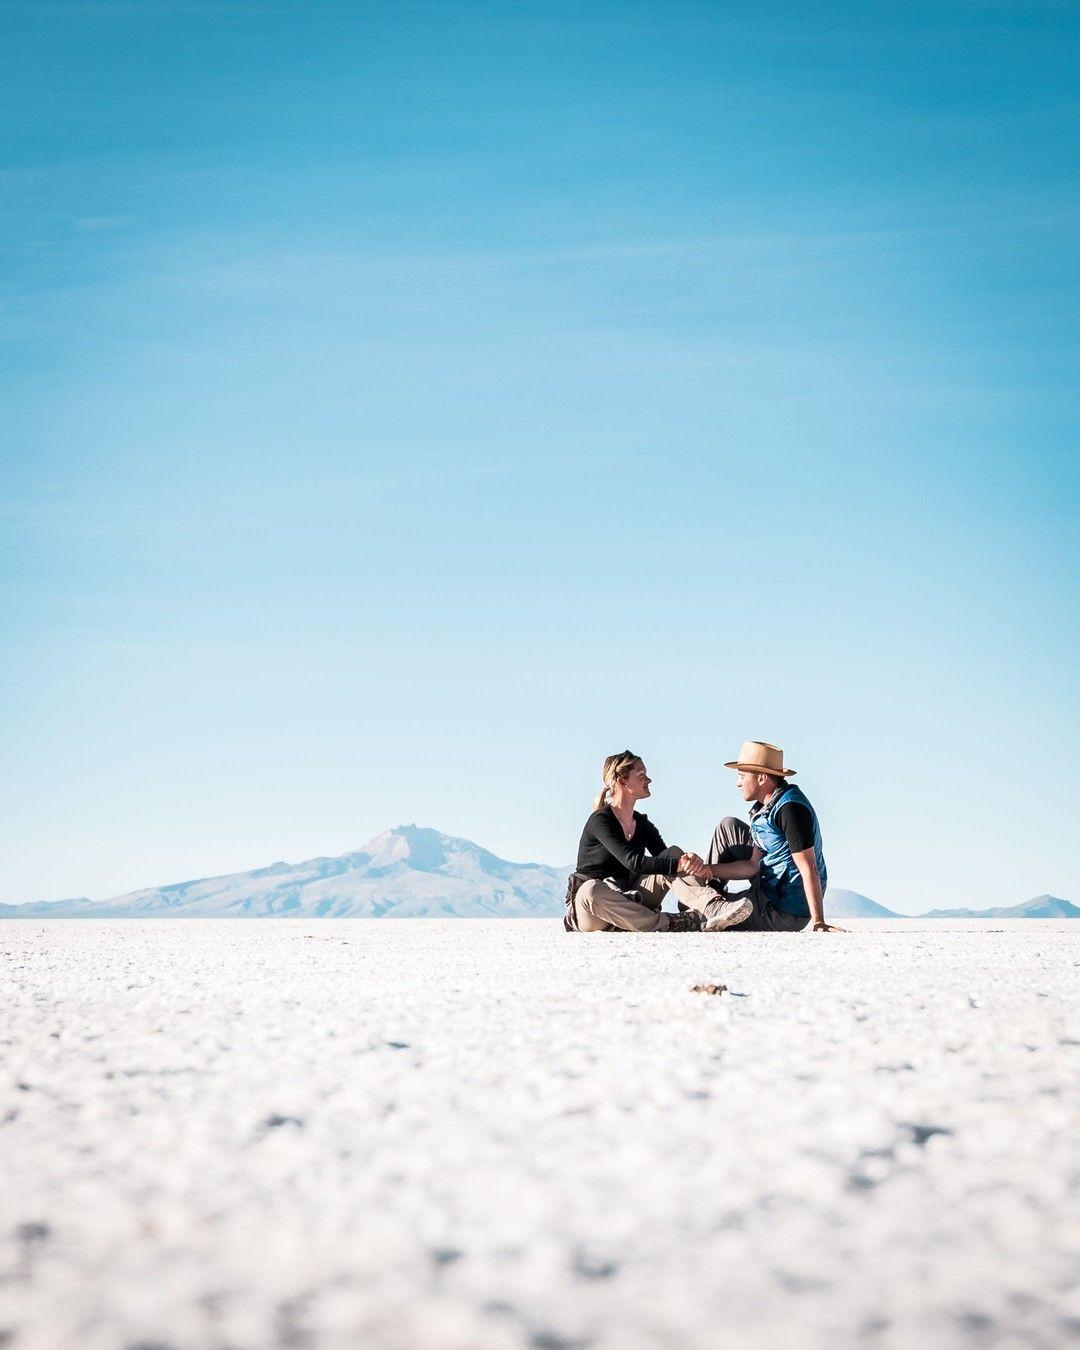 Tomellamoments Posted To Instagram Unsere Schonsten Weltreise Momente Bolivien Salar De Uyuni Hand Hoch Wer Von Euch Alles S Reisen Weltreise Rundreise